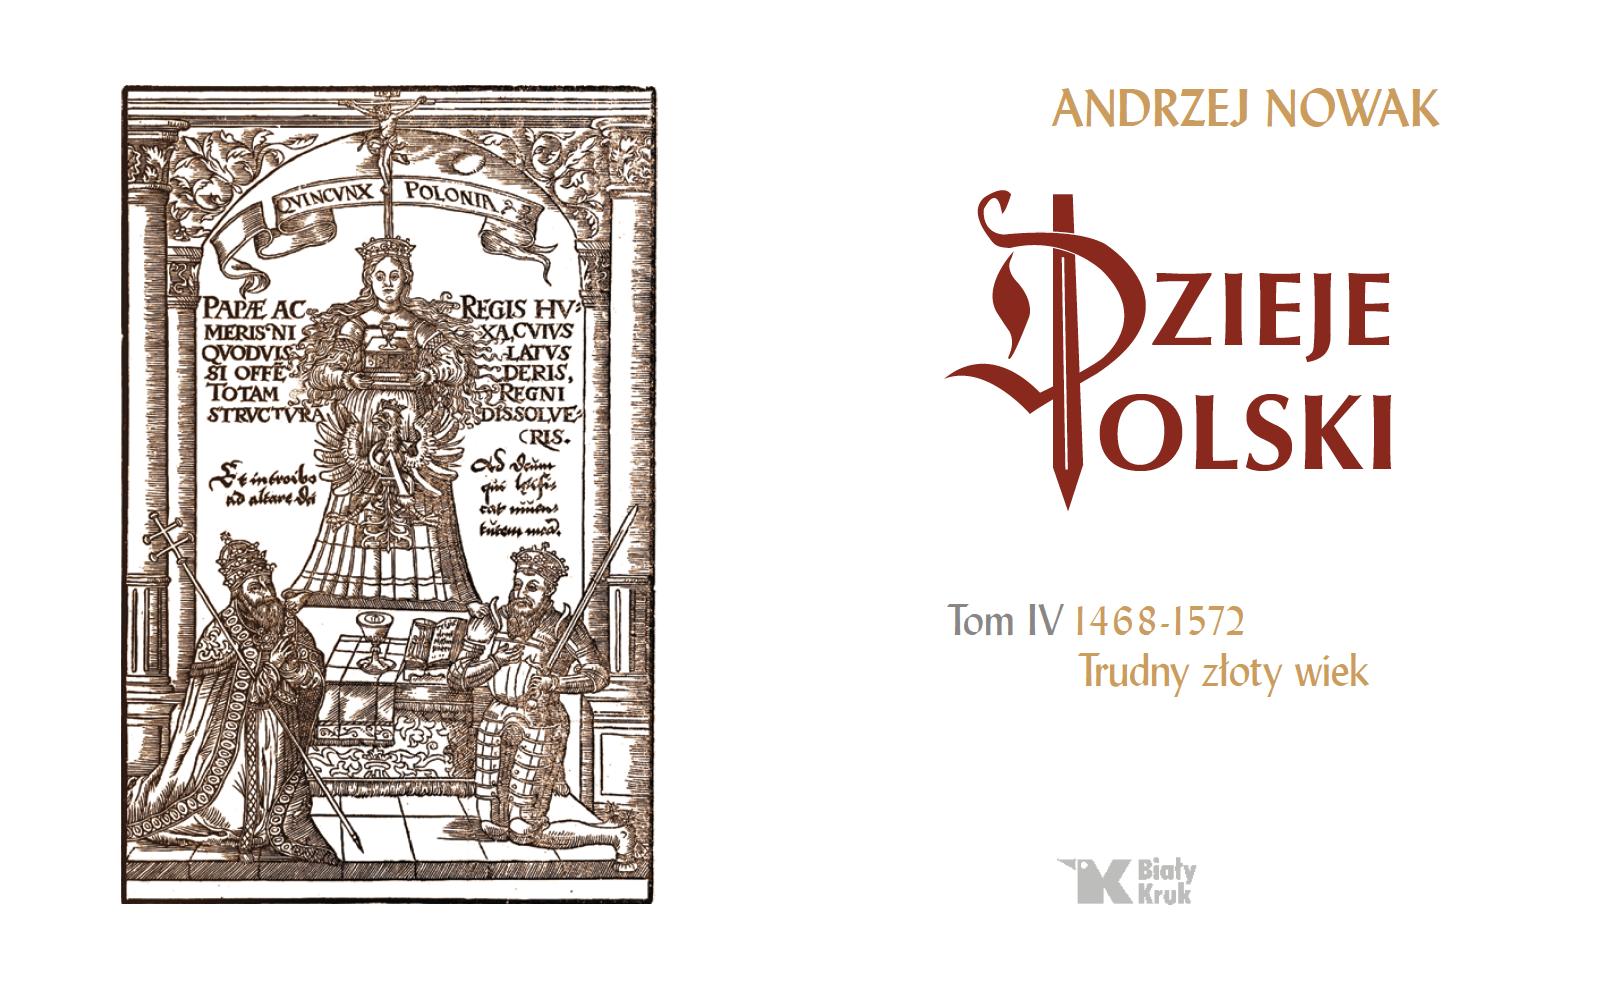 Czwarty tom Dziejów Polski prof. Andrzeja Nowaka